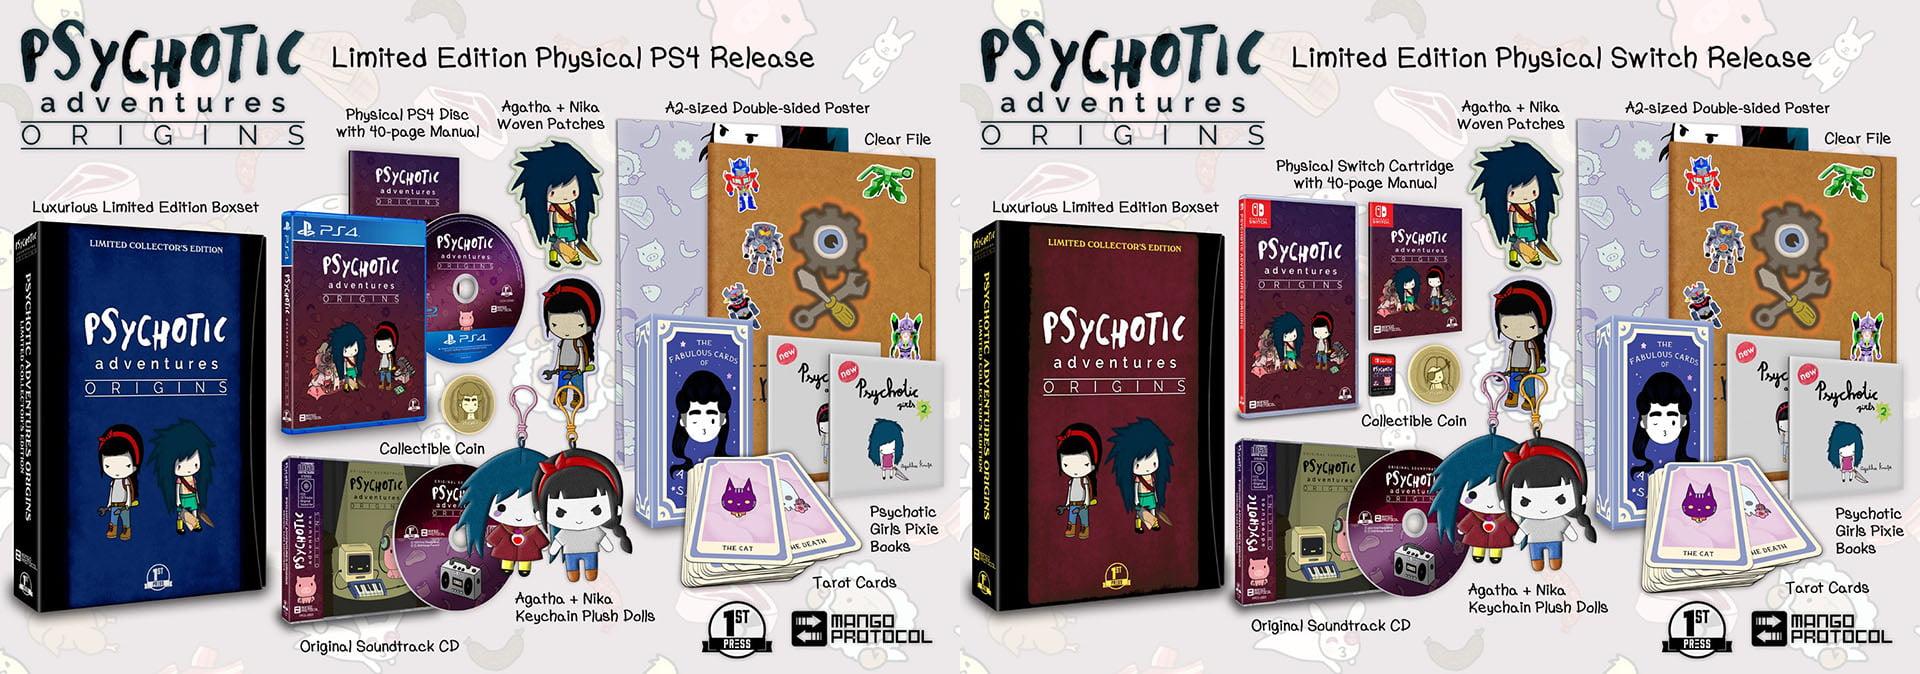 Psychotic Adventures Origins 3